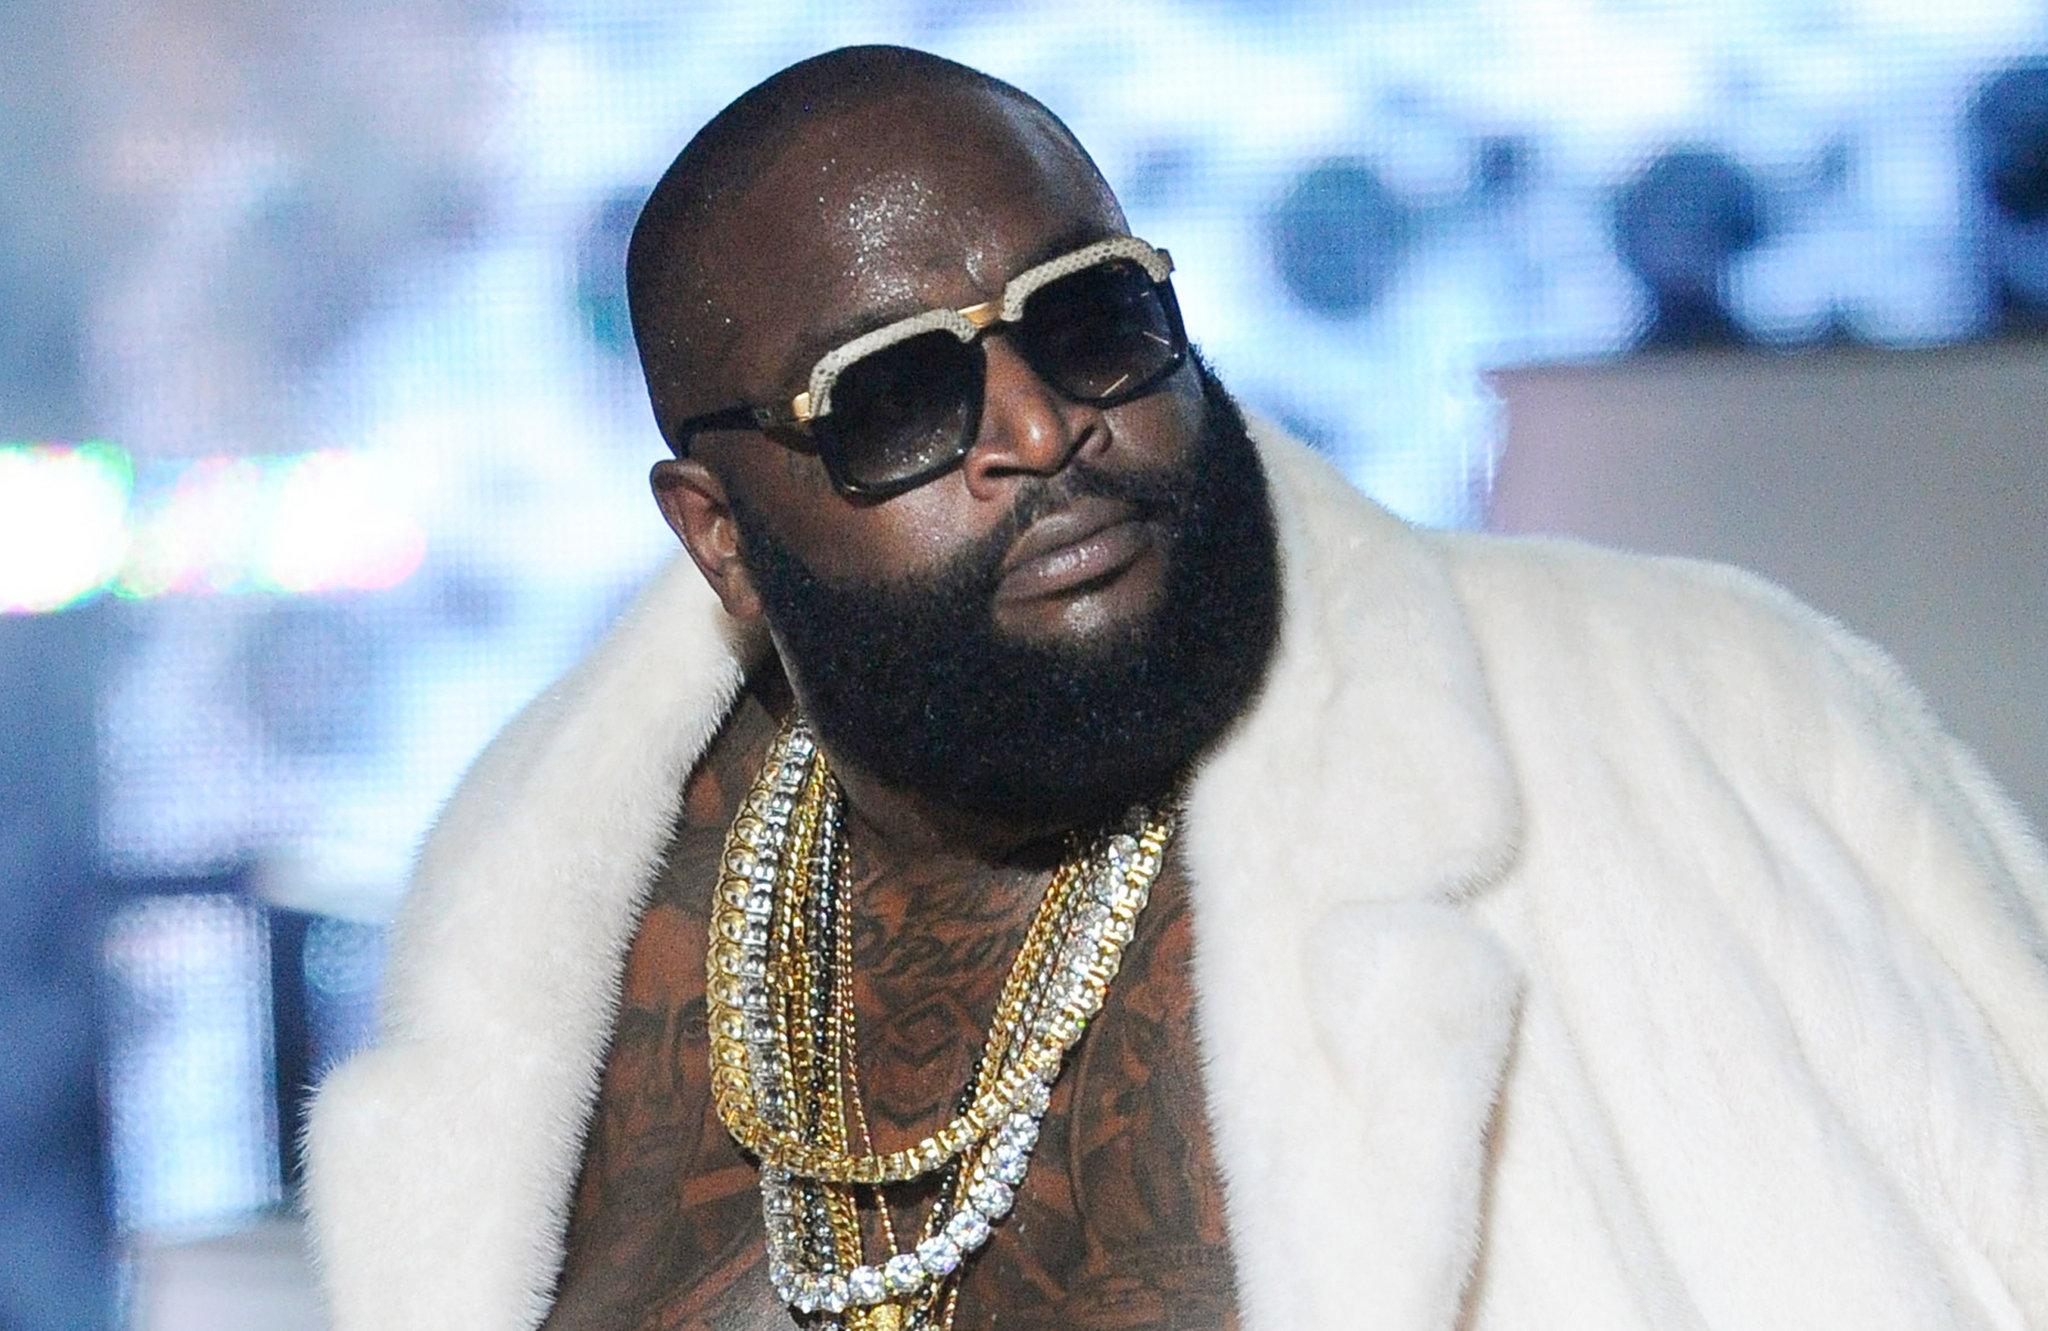 RICK ROSS gangsta rapper rap hip hop d wallpaper 2048x1331 181172 2048x1331